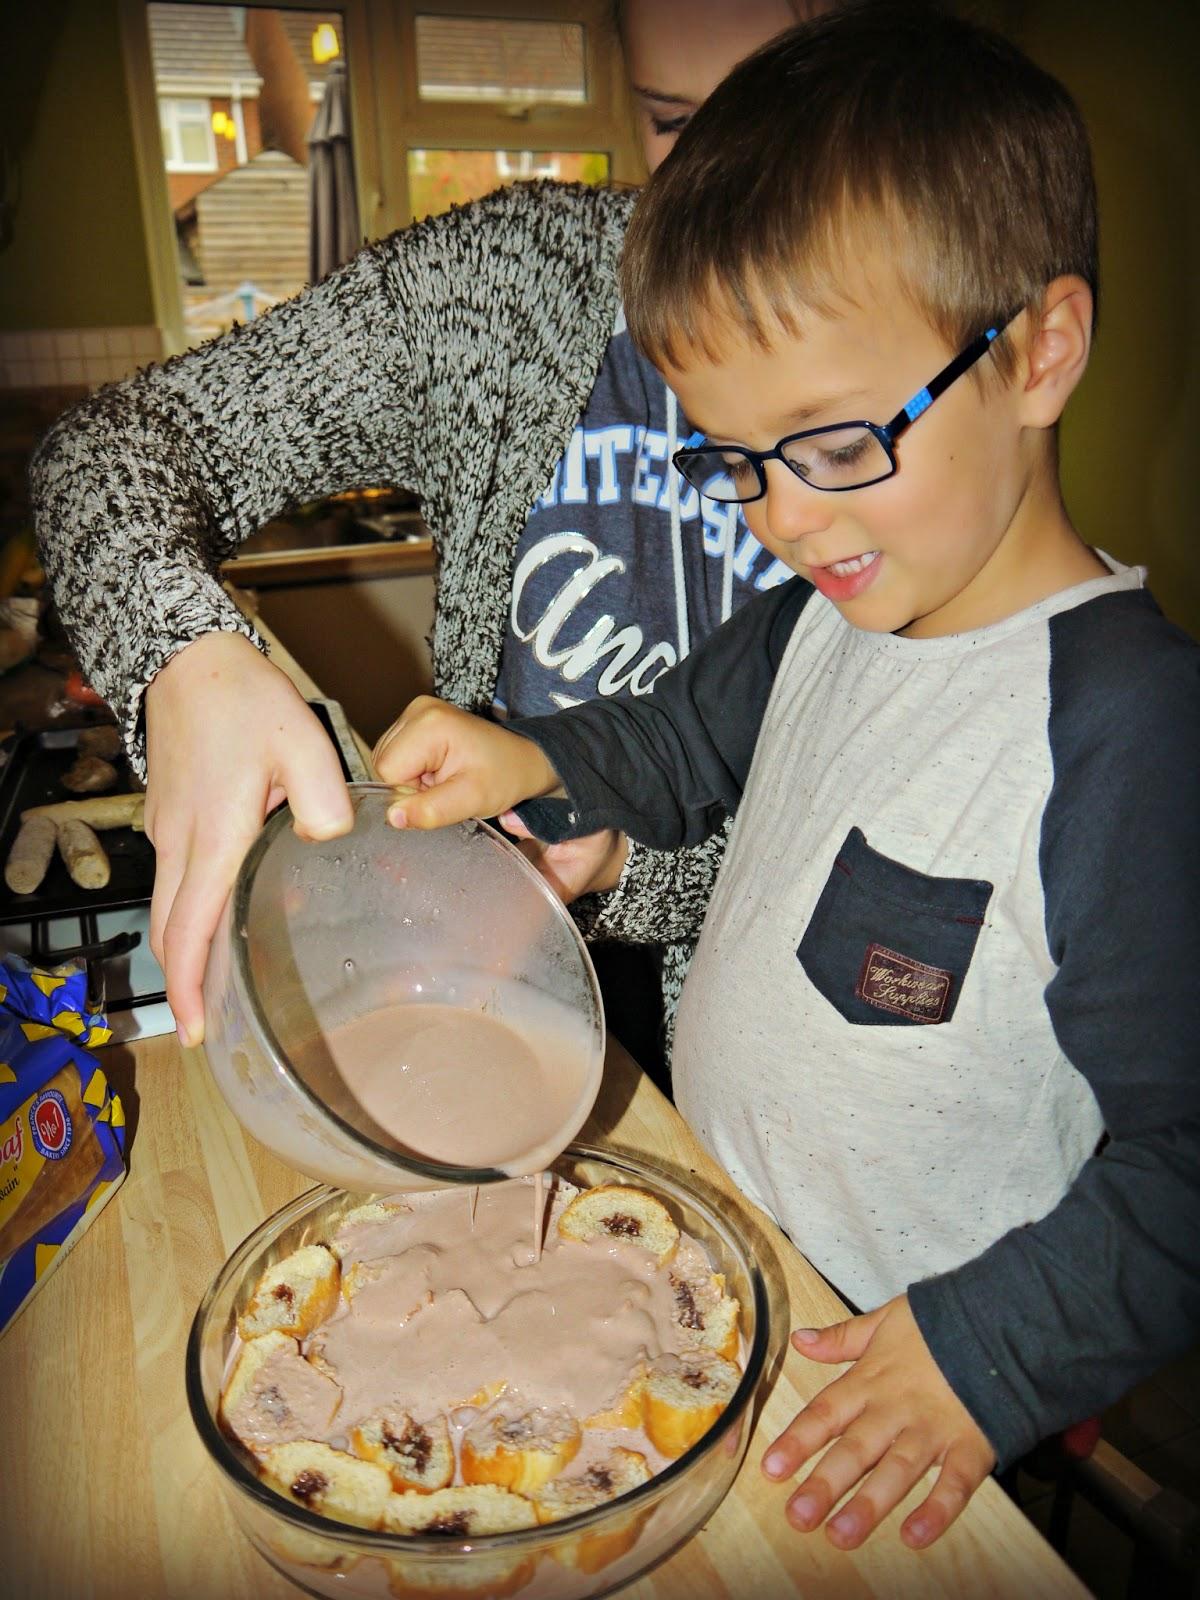 brioche pudding